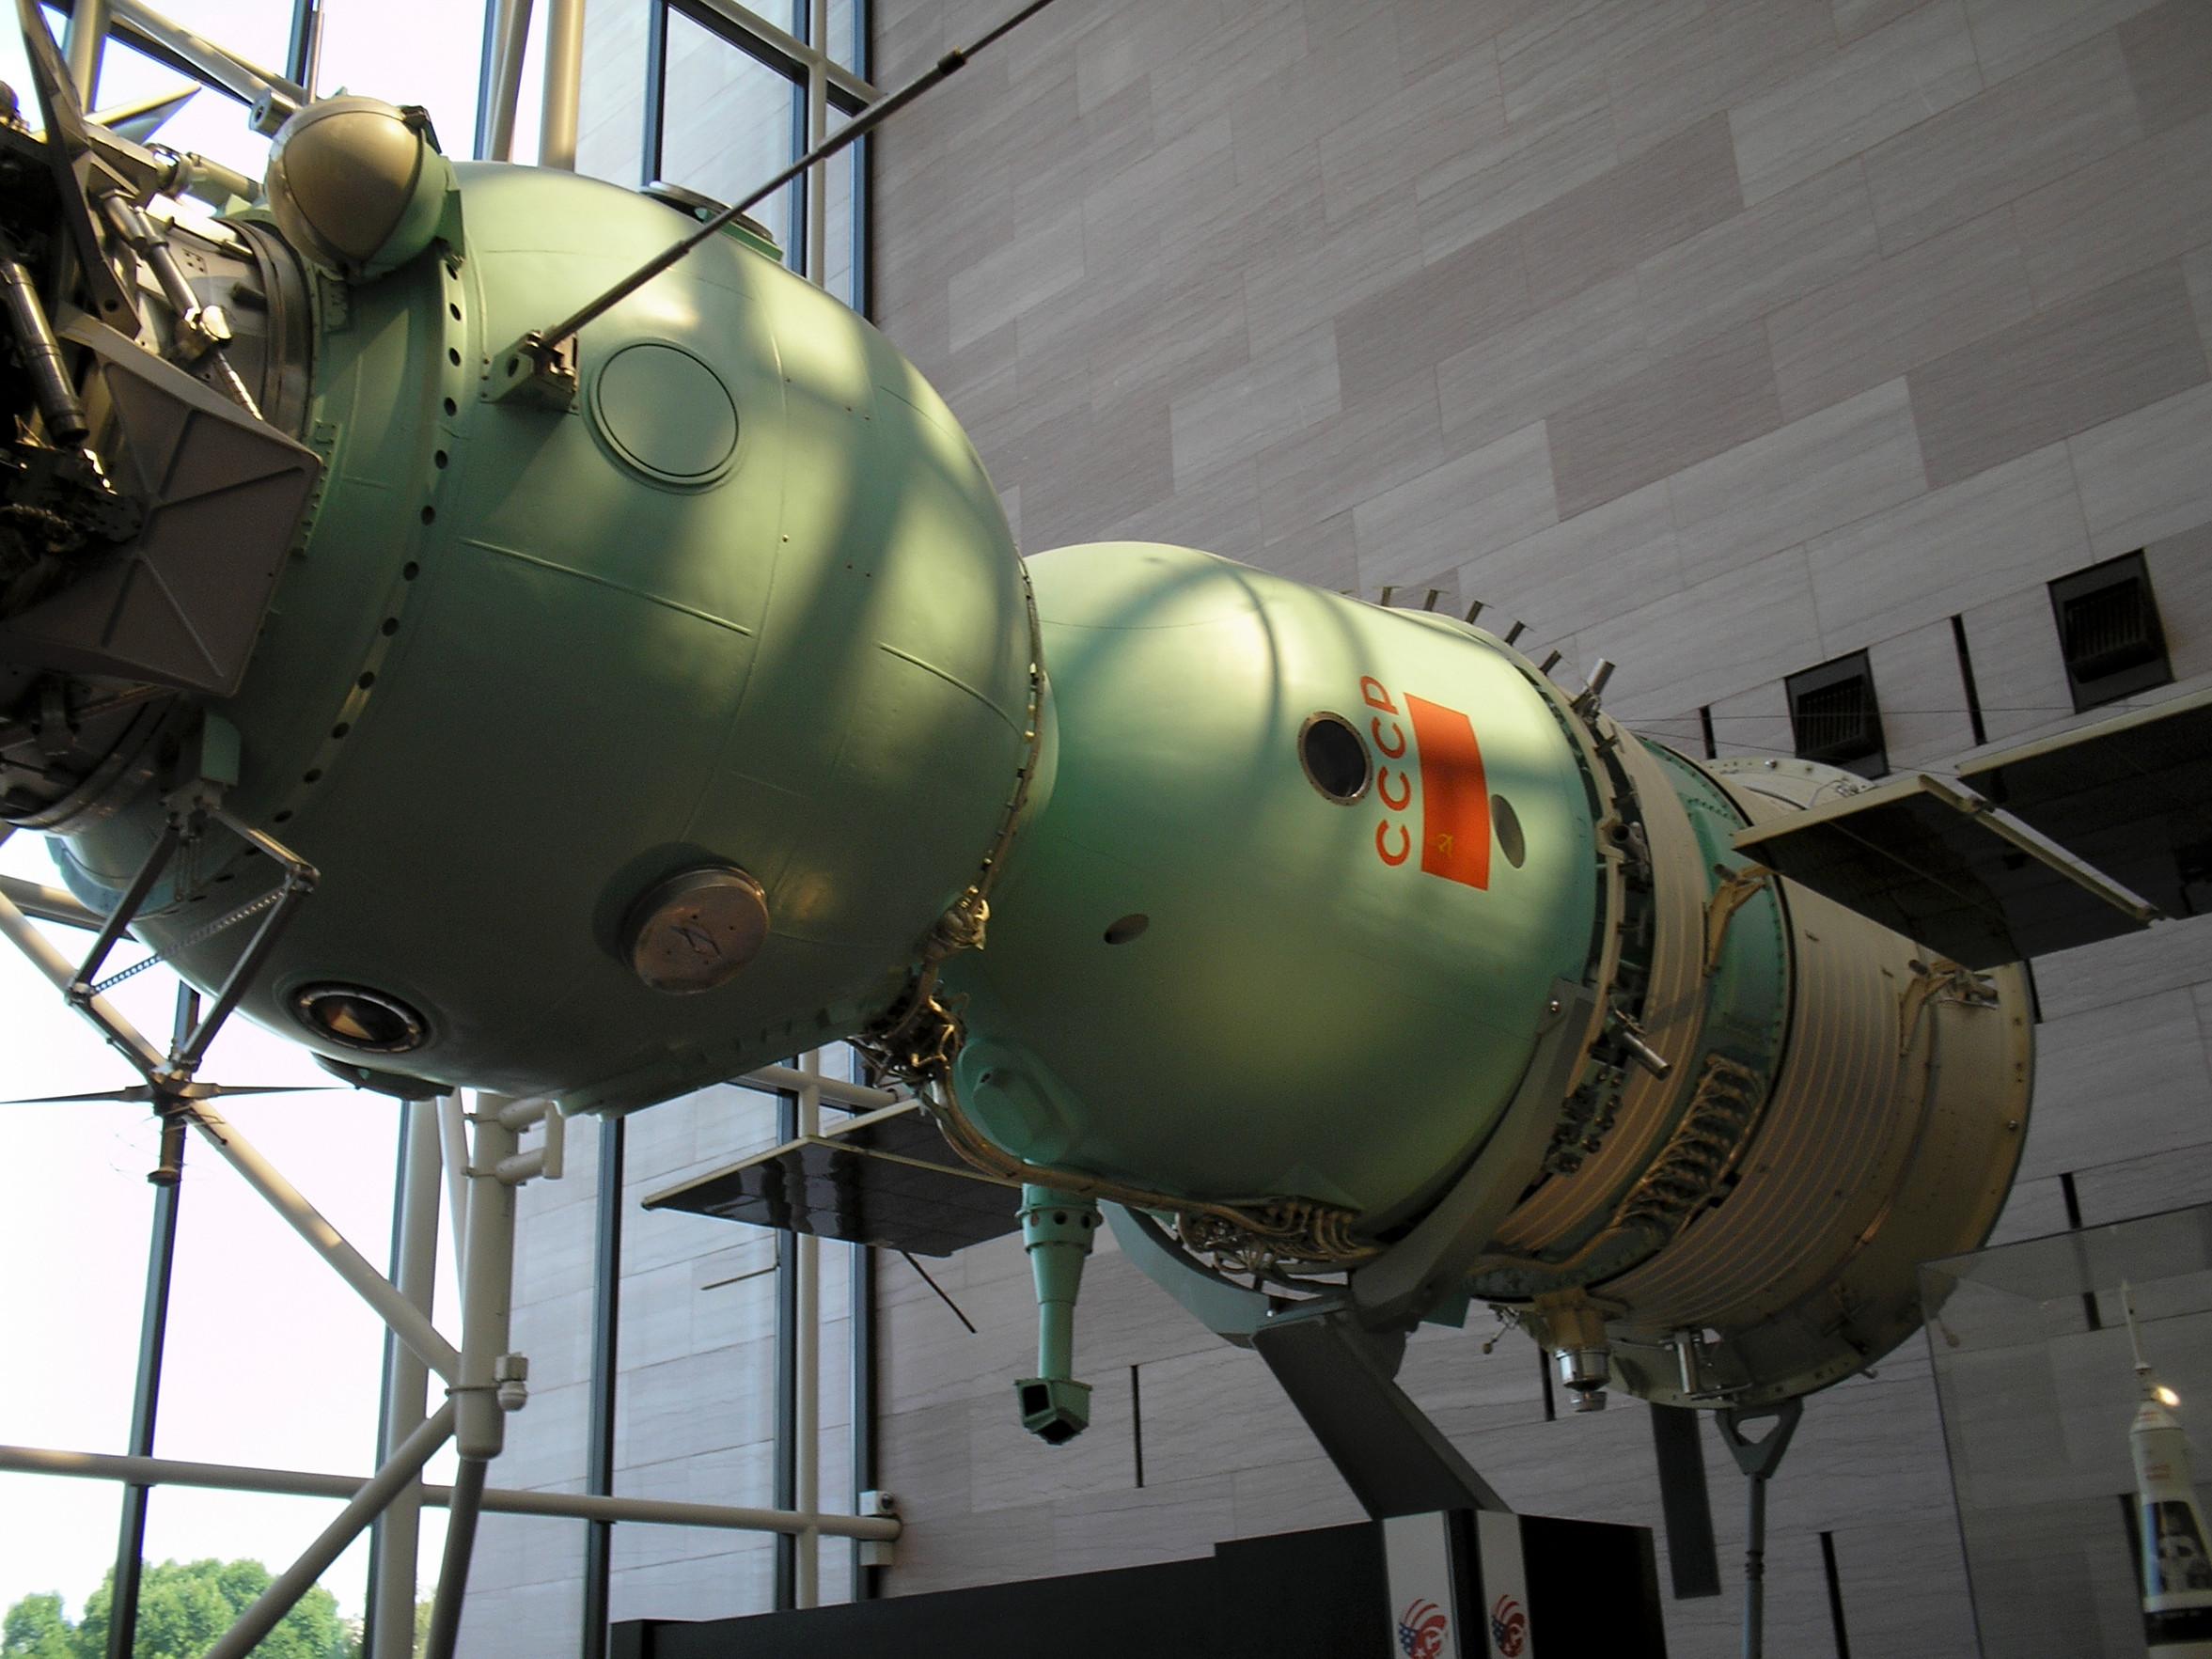 washington space museum apollo - photo #32